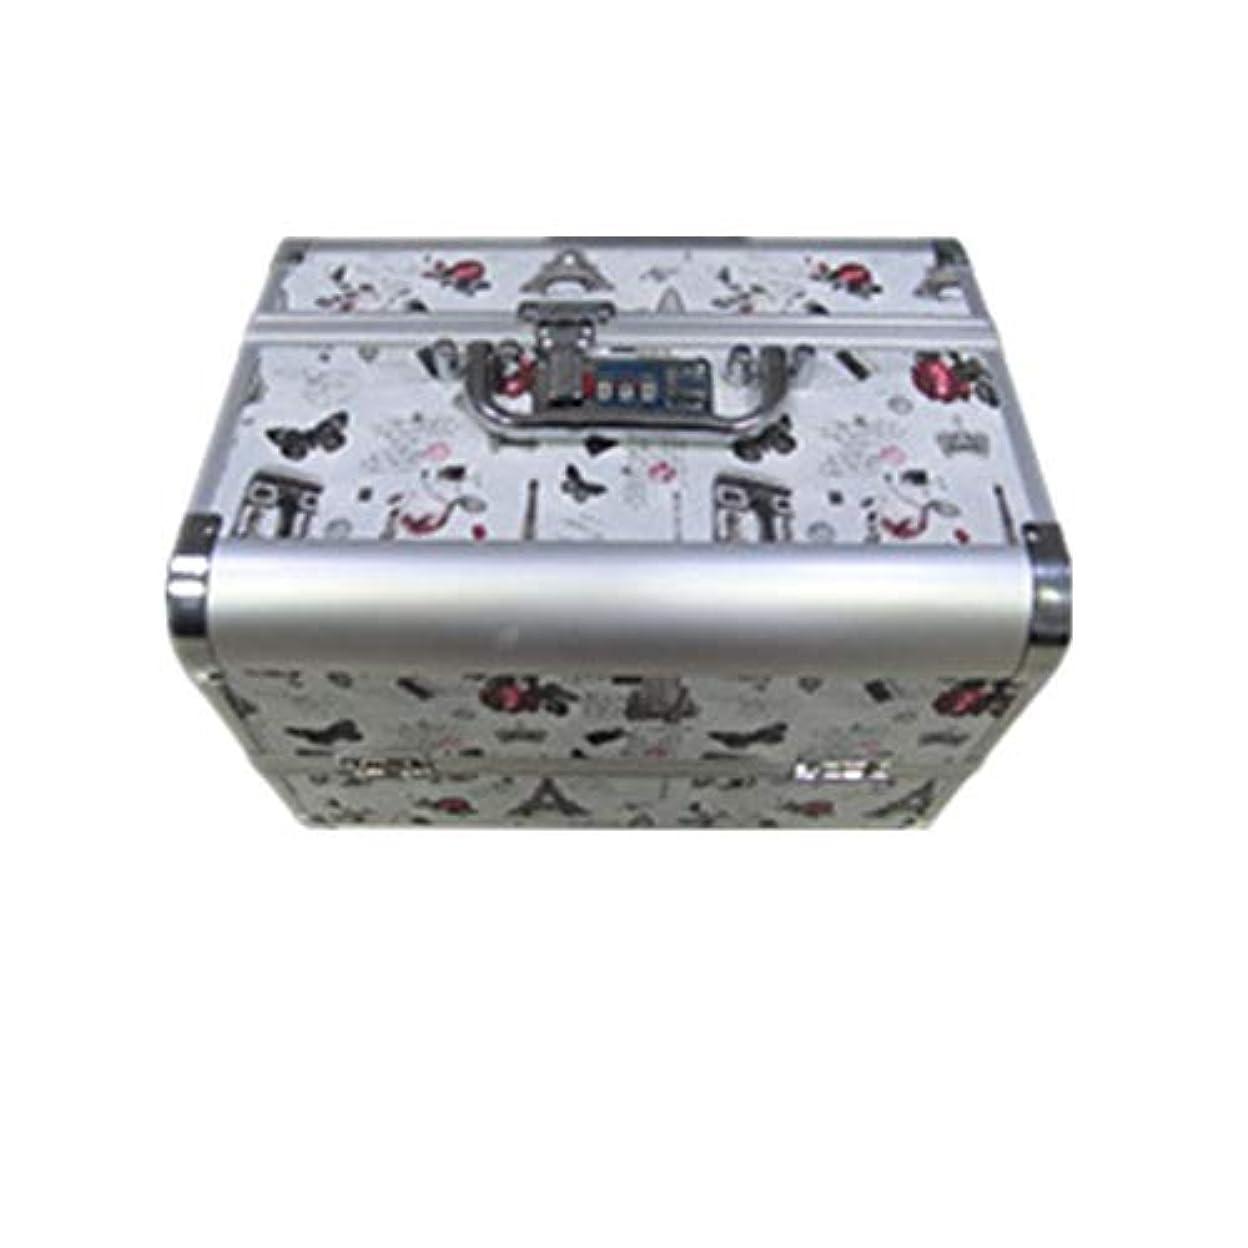 エスカレート気付く驚化粧オーガナイザーバッグ 大容量ポータブル化粧ケース(トラベルアクセサリー用)シャンプーボディウォッシュパーソナルアイテム収納トレイ(エクステンショントレイ付) 化粧品ケース